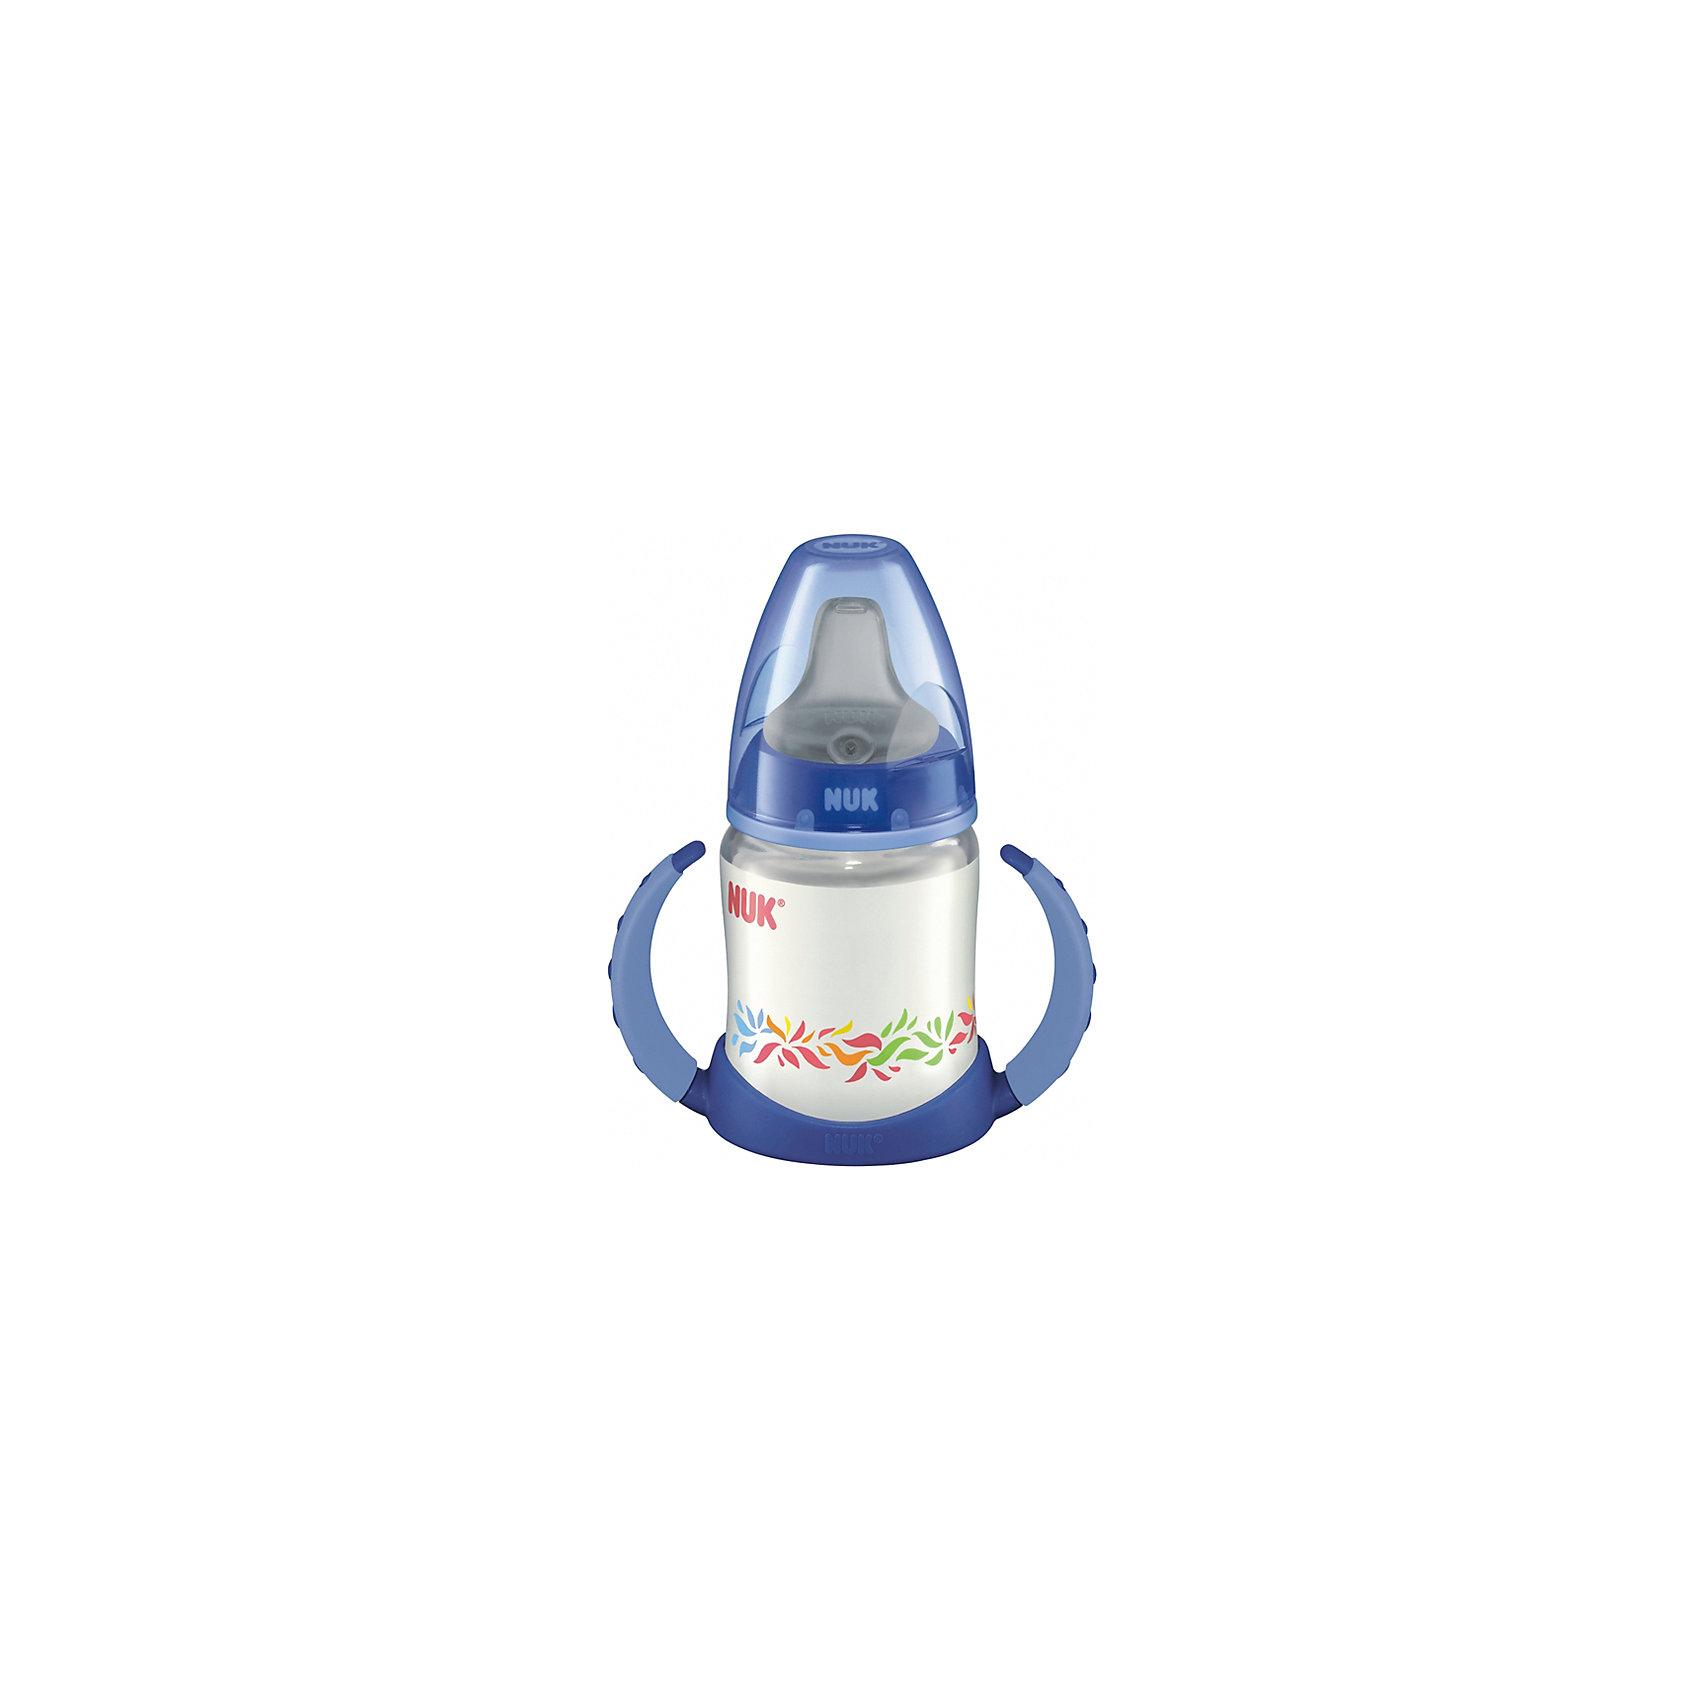 Бутылочка First Choice-поильник, 150 мл., NUK, синийБутылочки и аксессуары<br>Характеристики изделия:<br><br>- объем: 150 мл;<br>- цвет: синий;<br>- материал: силикон, пластик;<br>- широкое горло;<br>- нескользящие ручки эргономичной формы;<br>- система NUK Air System;<br>- возраст: 6-18 месяцев.<br><br>Детские товары существенно облегчают жизнь молодым мамам. Существует множество полезных в период материнства вещей. К таким относится обыкновенная пластиковая бутылочка-поильник. <br>Данная модель оптимально подходит для детей, которых приучают есть самостоятельно. Мягкий материал соски подойдет для ротовой полости ребенка. Предмет удобно держать. Бутылочка легко очищается от любых поверхностных загрязнений, так как имеет удобное широкое горлышко. Оптимальный объем позволит использовать бутылочку для малышей от шести месяцев до полутора лет.<br><br>Бутылочку First Choice-поильник от производителя NUK можно купить в нашем магазине.<br><br>Ширина мм: 120<br>Глубина мм: 65<br>Высота мм: 185<br>Вес г: 133<br>Возраст от месяцев: 6<br>Возраст до месяцев: 18<br>Пол: Унисекс<br>Возраст: Детский<br>SKU: 5065240